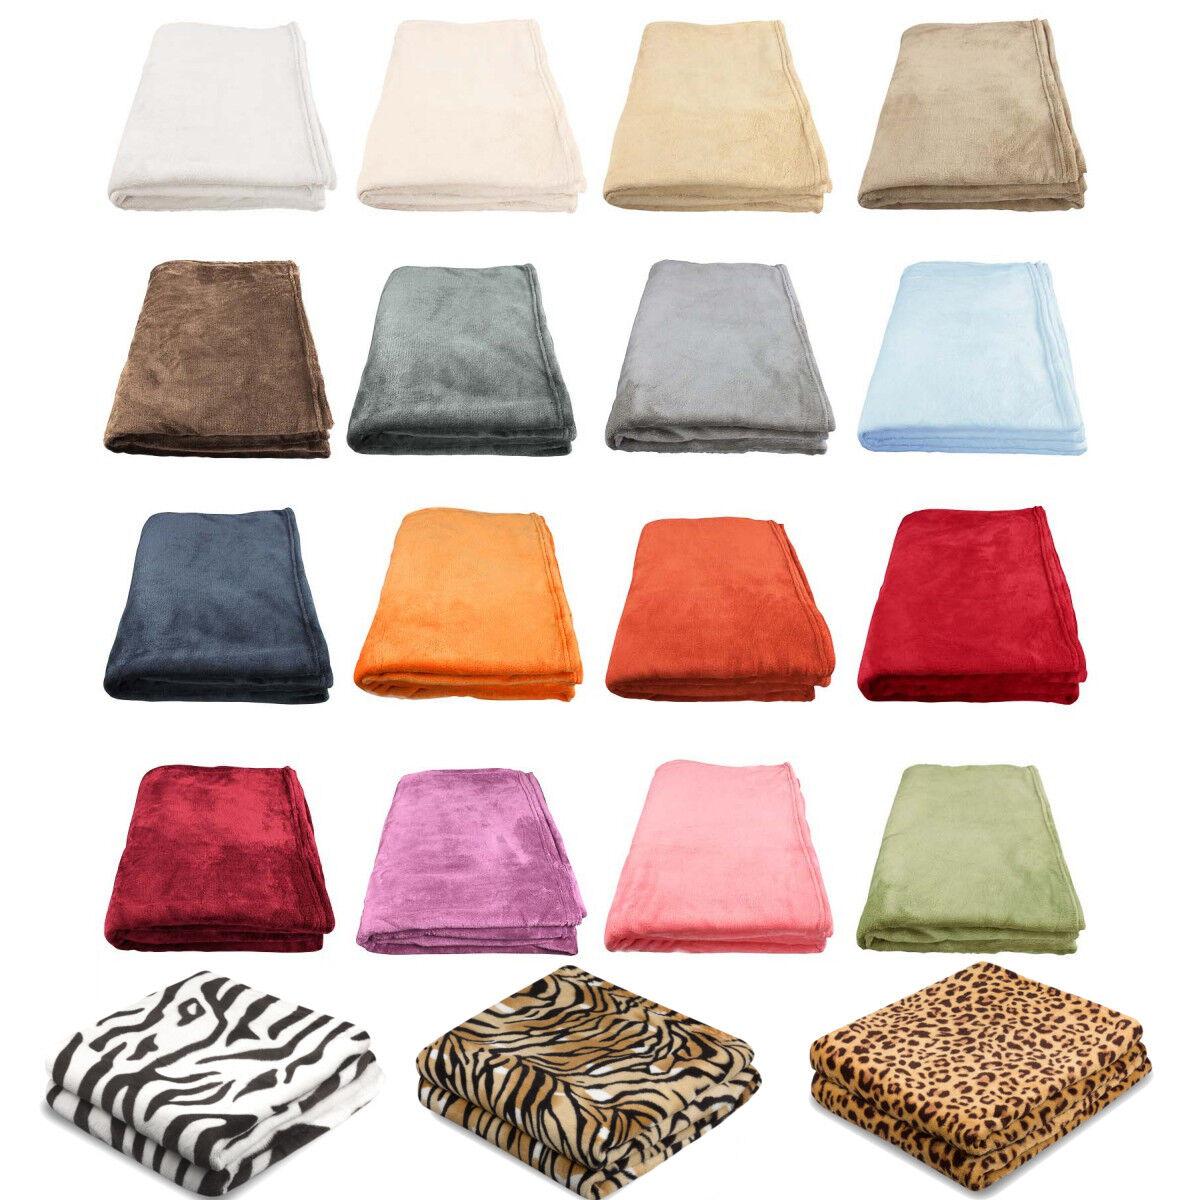 XL SUPER SOFT Kuscheldecke Sofadecke Microfaser Decke Fleece Wohndecke 150 x 200